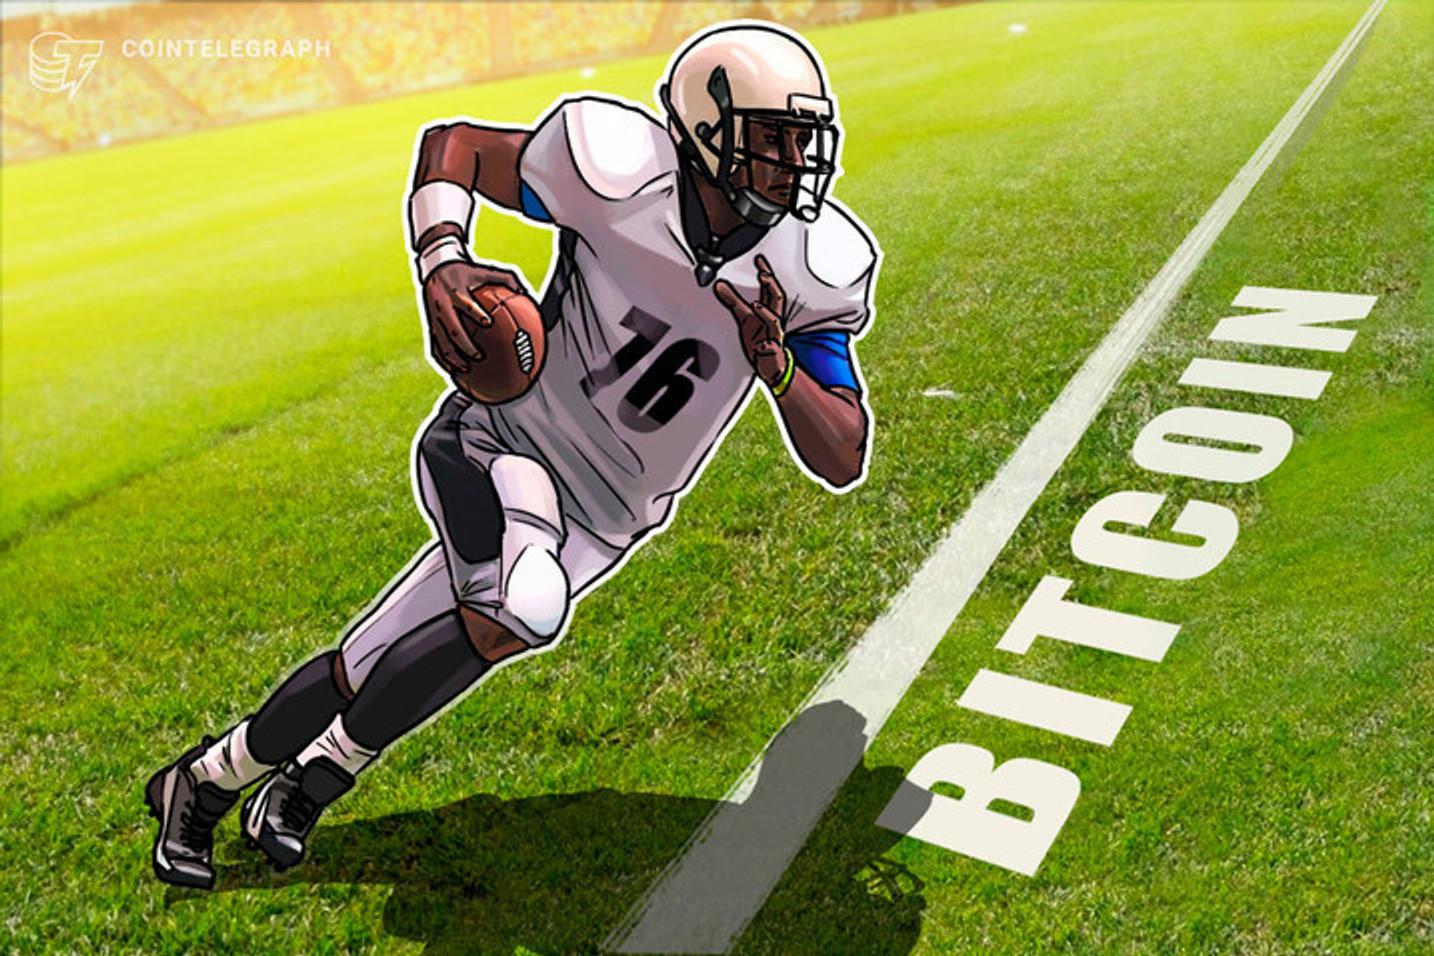 Un jugador de la NFL ya ha ganado 8 millones de dólares tras invertir la mitad de su sueldo en Bitcoin